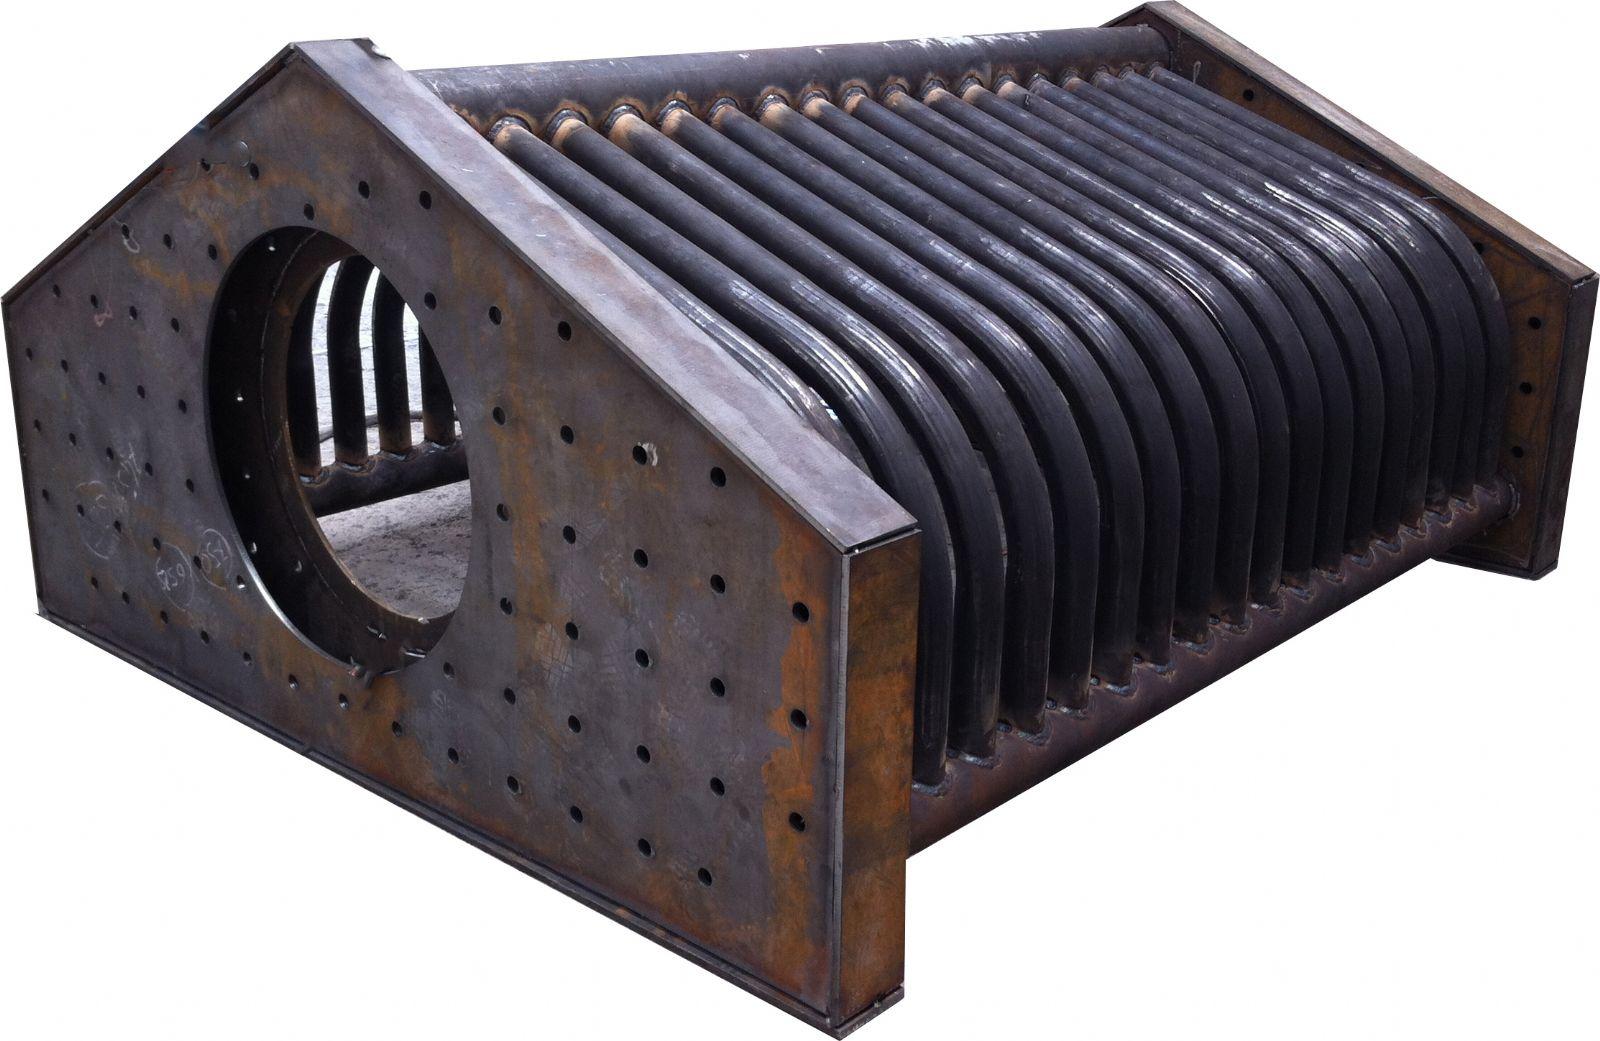 Buhar Kazaný Ön Ocak, Buhar Üreticisi Ön Ocak, Kazan Üretimi, Buhar Makinesi